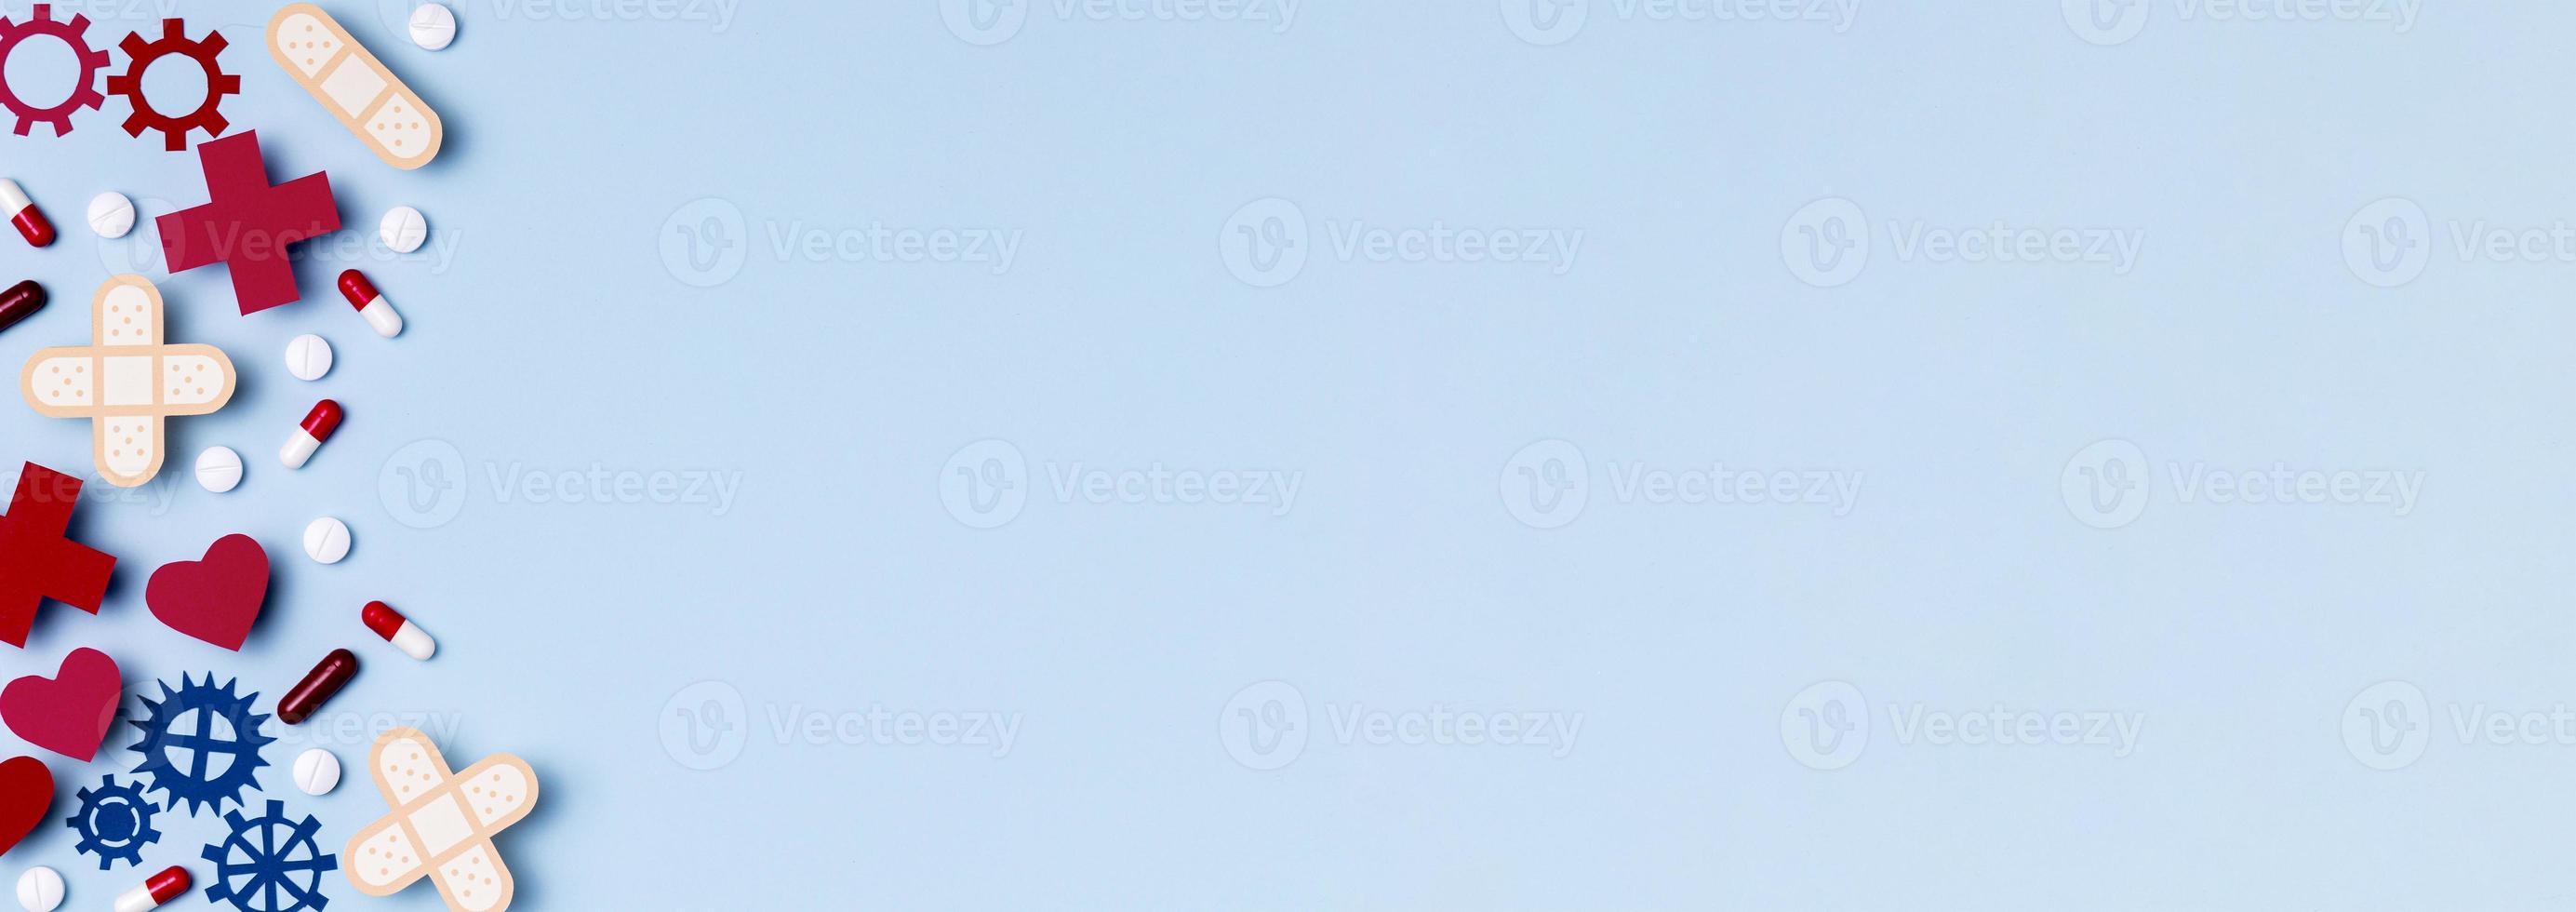 vista superior del día mundial del corazón con espacio de copia foto